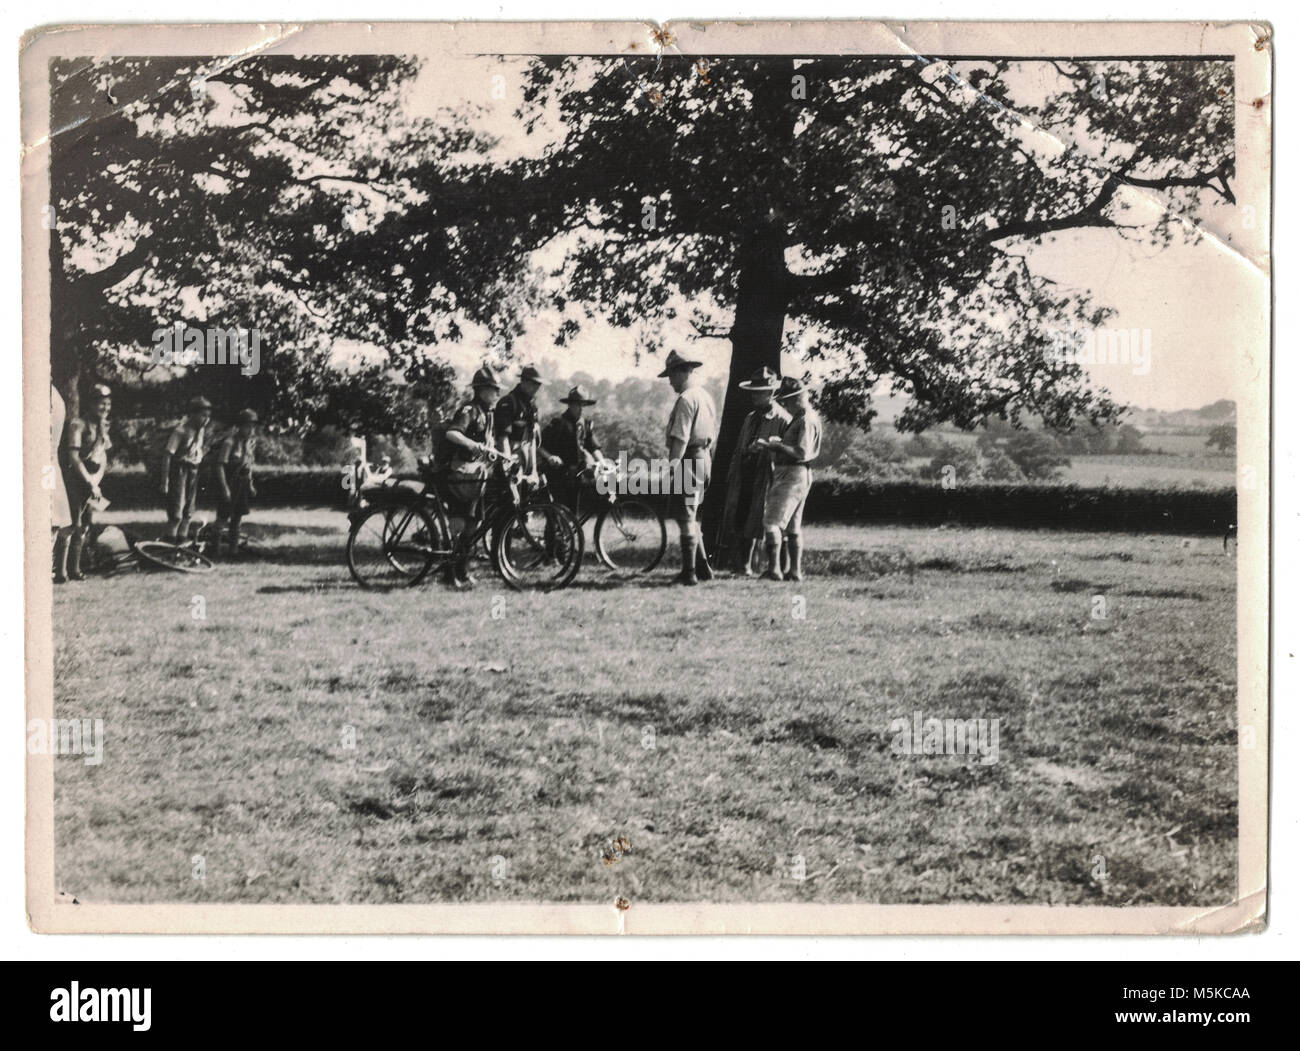 Los ciclistas de boy scouts siendo hablado por Lord Baden Powell en el 5º Jamboree Mundial de Scouts, celebrada Foto de stock